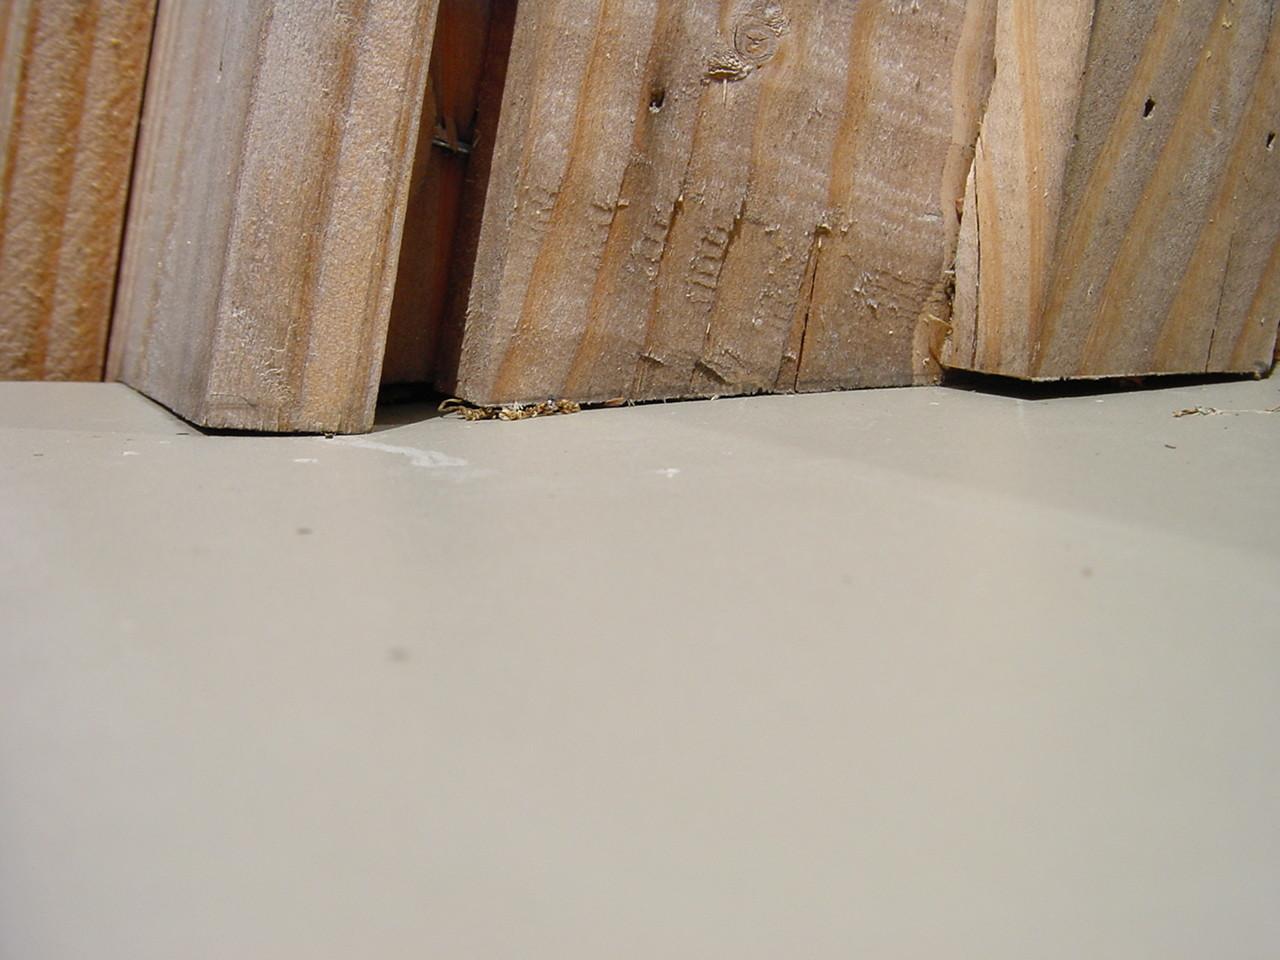 Angle en appui sur bavette : rétention d'eau par capillarité (2)